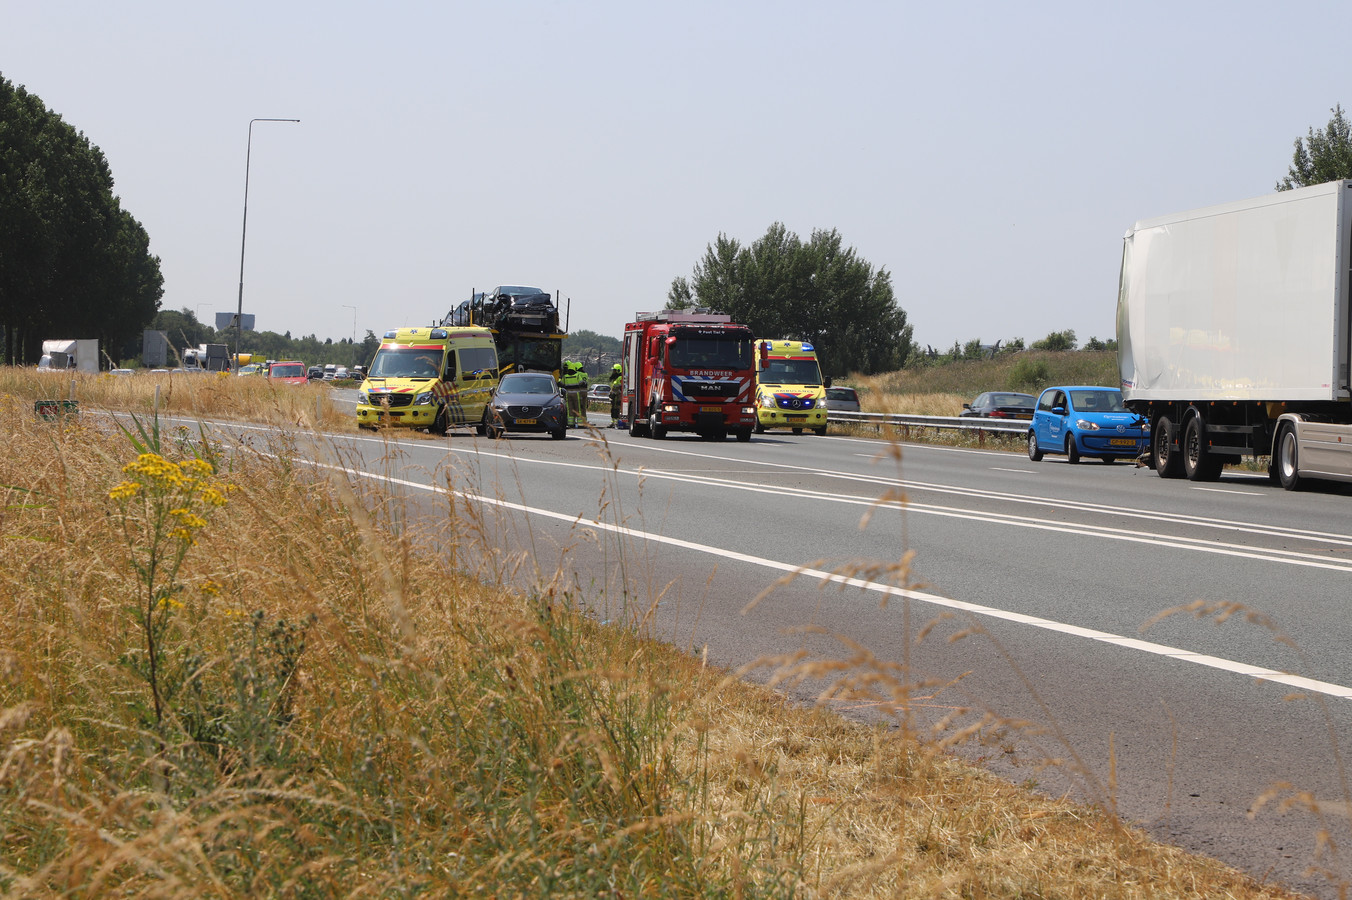 De plek op de A15 waar woensdagmiddag twee vrachtwagens op elkaar zijn gebotst.